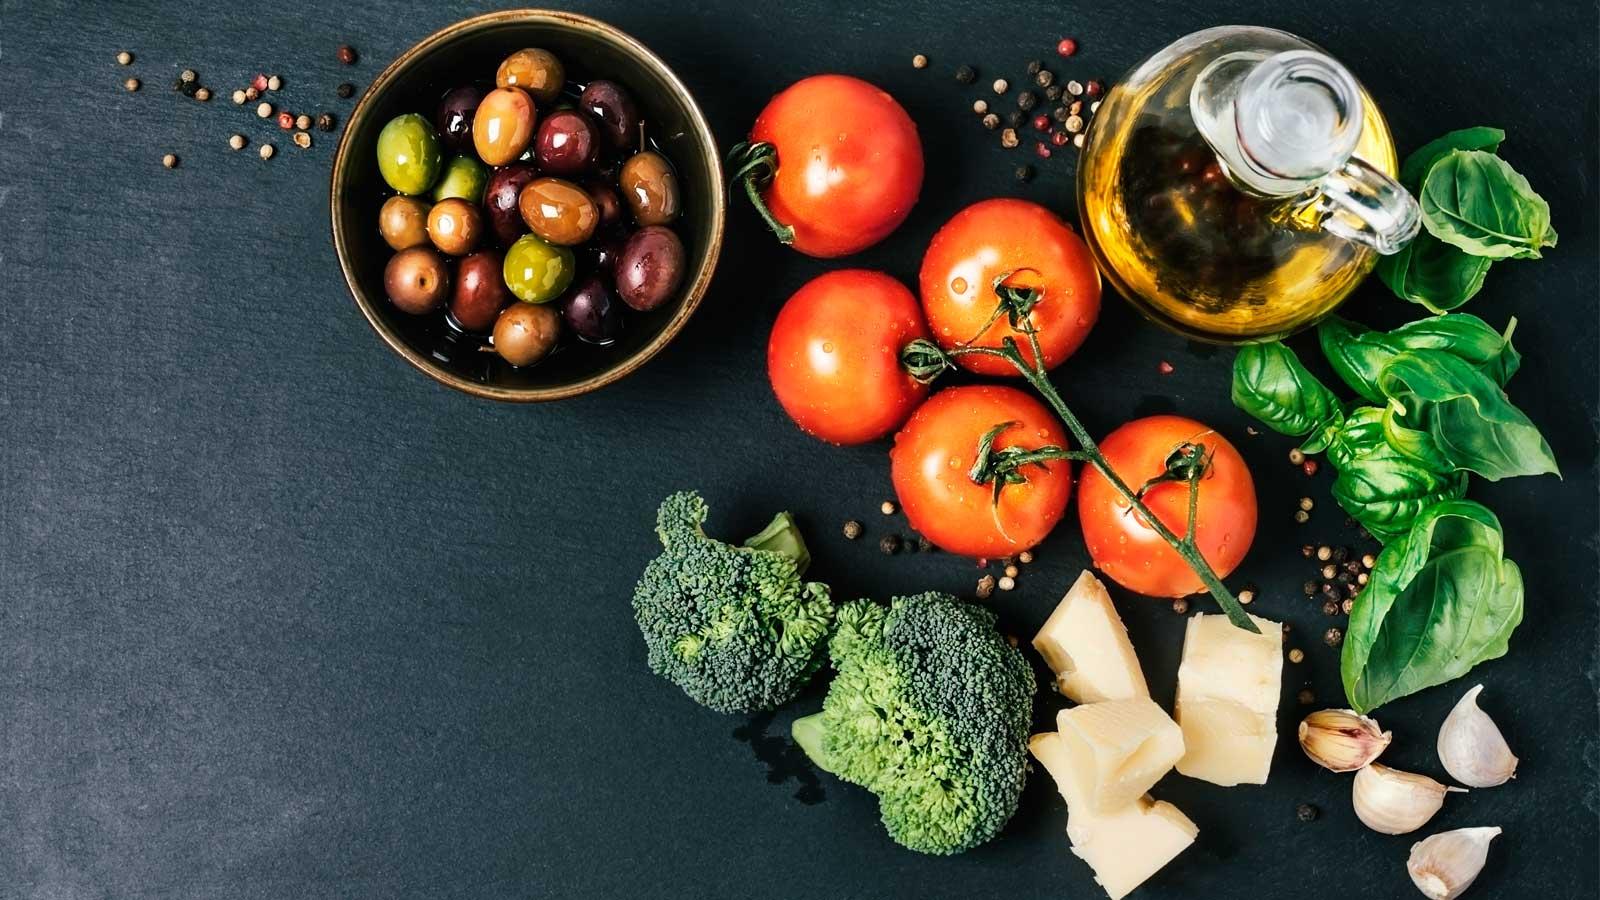 Penn State university professor's diet ranked best for 2021